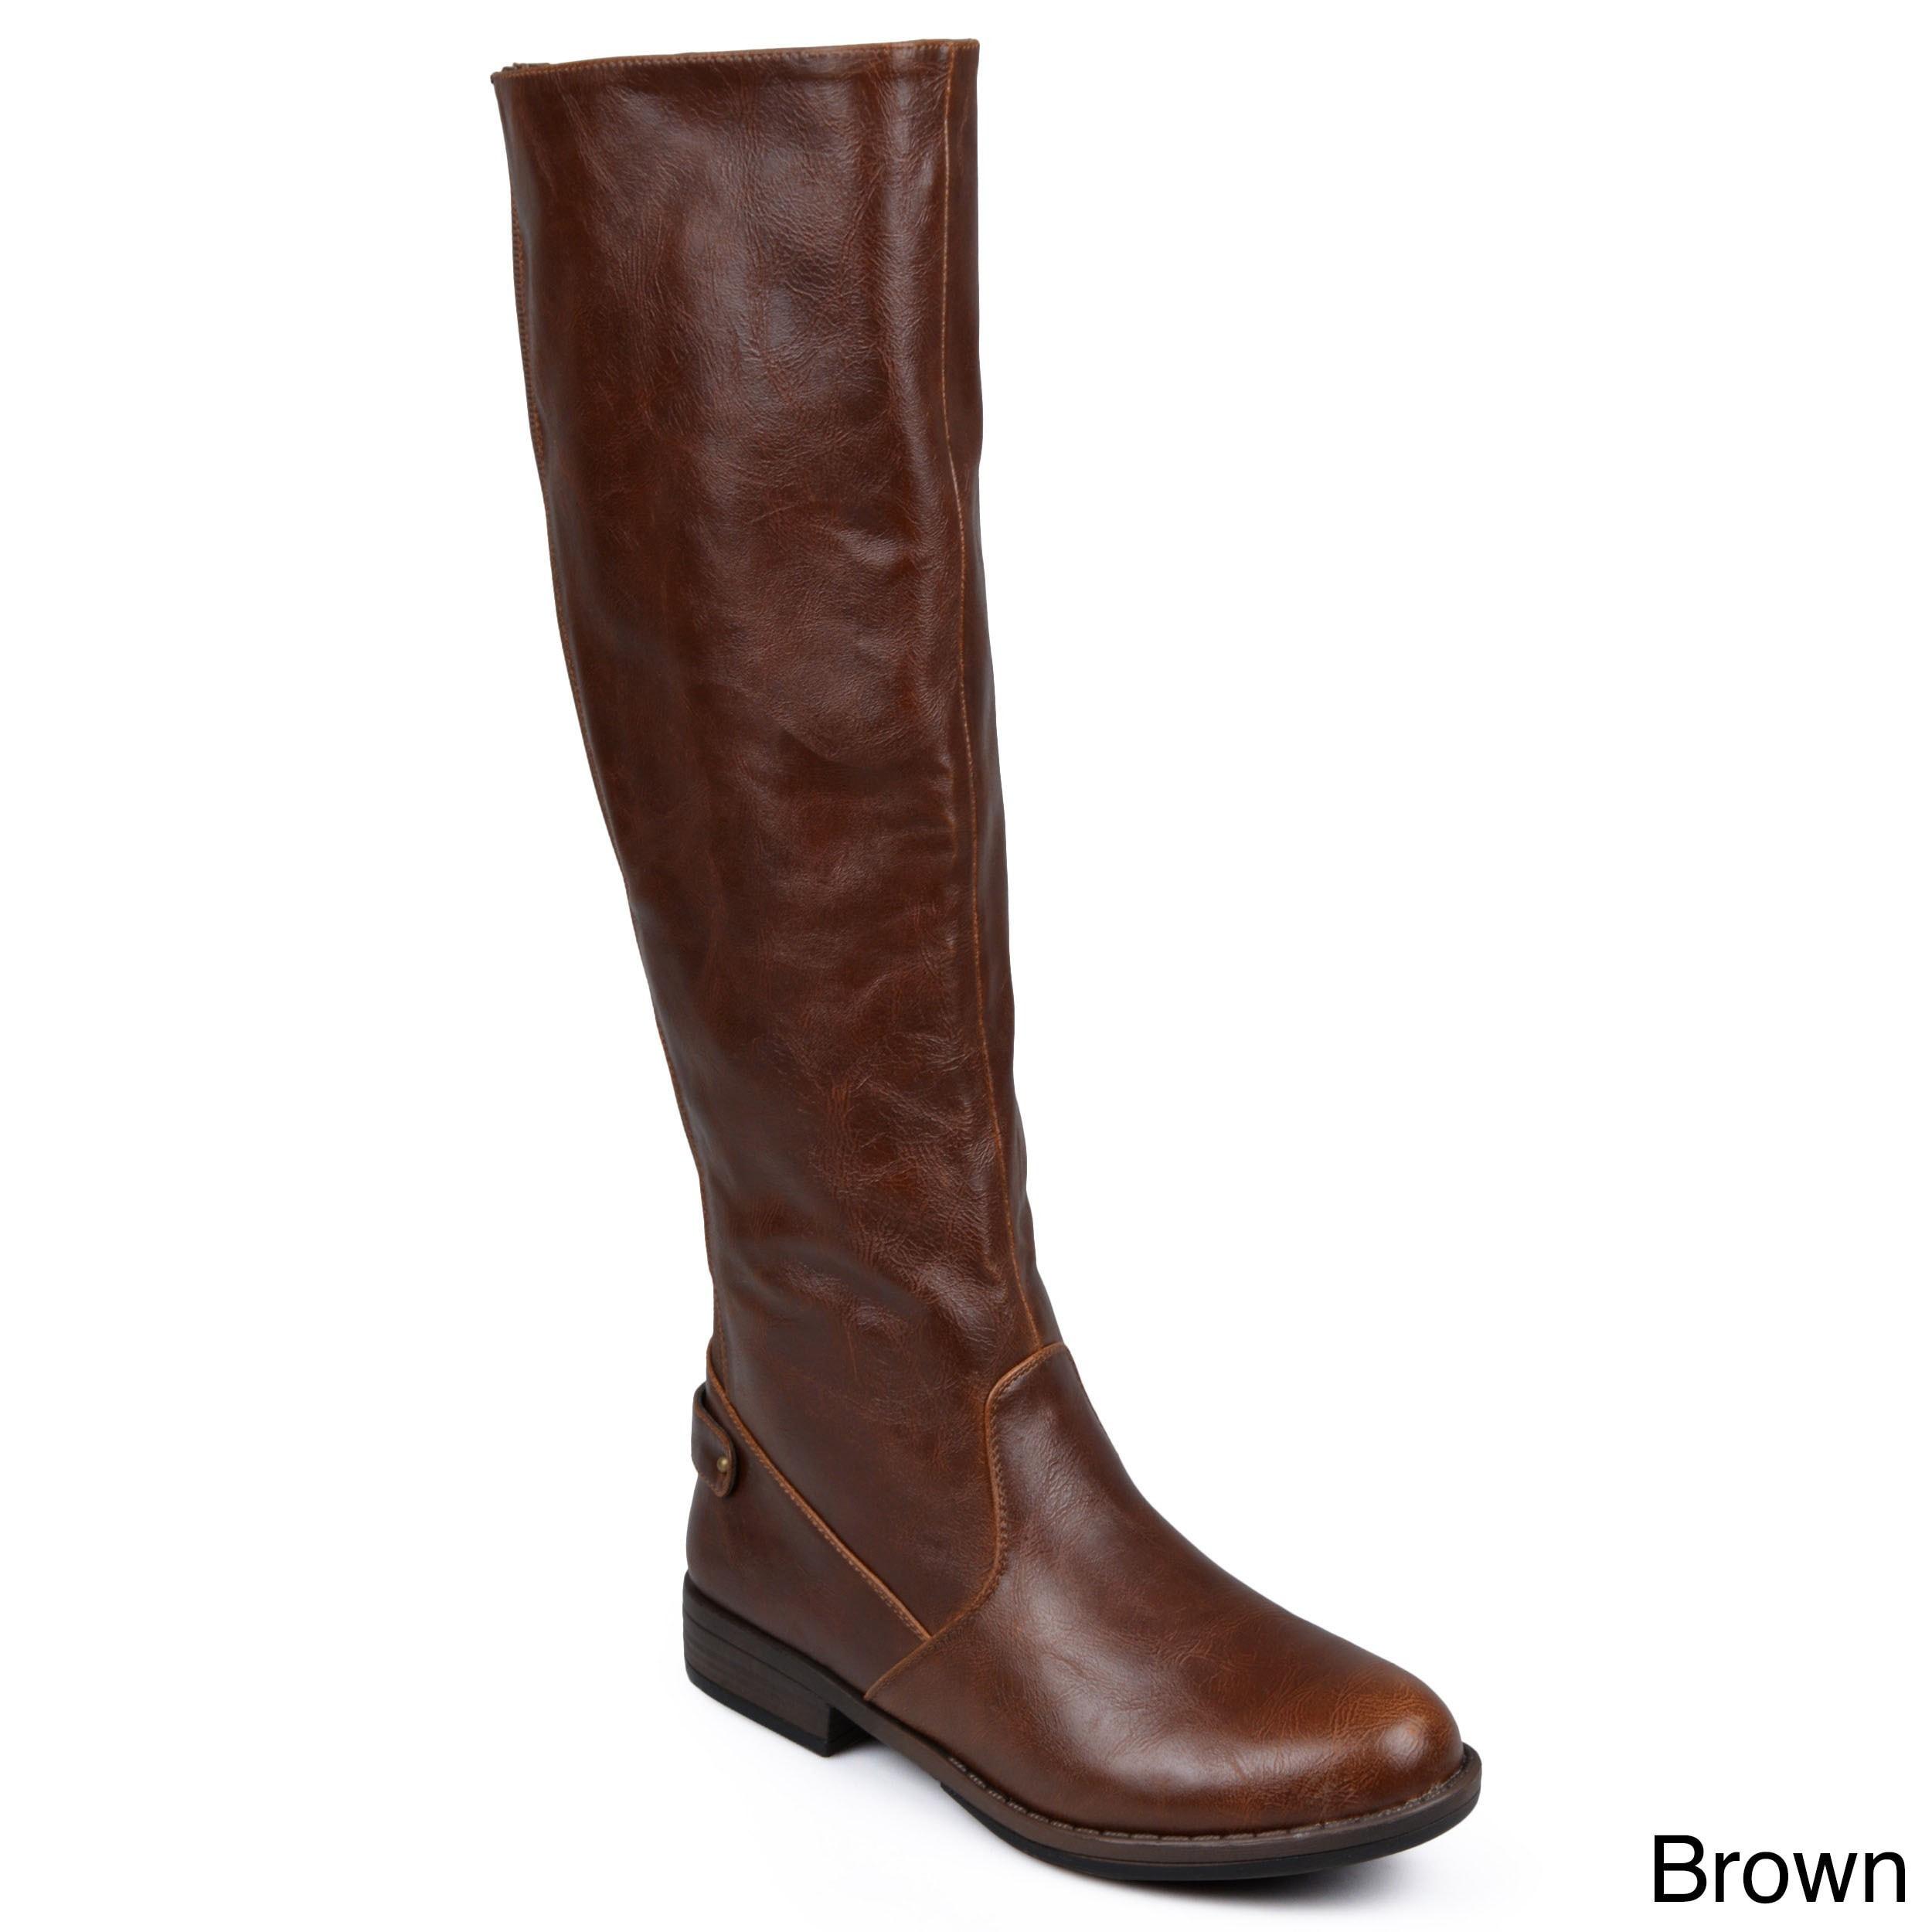 a626e7a9eec63 Journee Collection Women's 'Lynn' Riding Boot